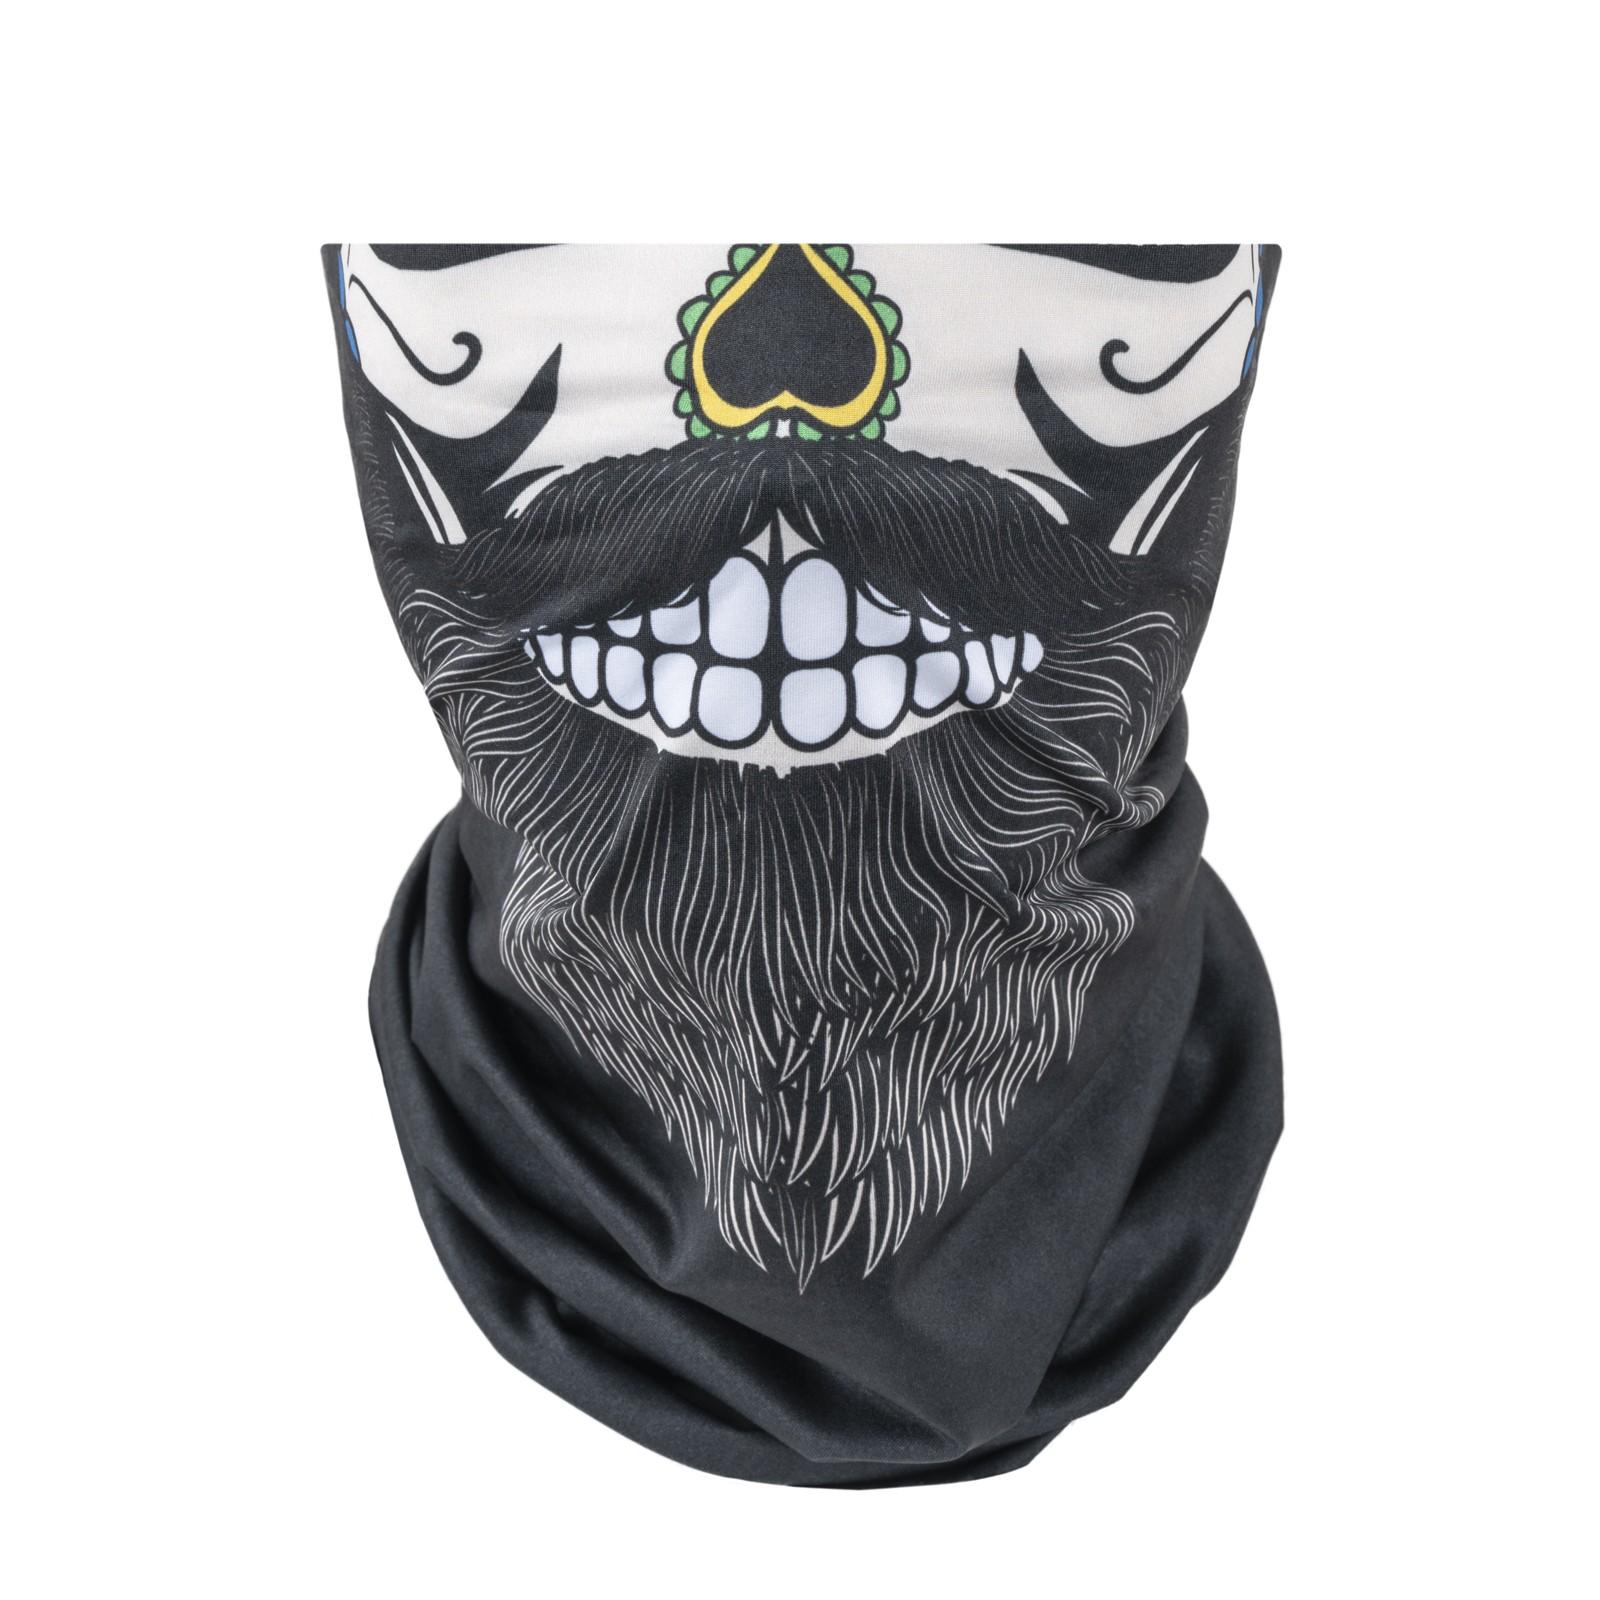 Bandana Bearded Skull